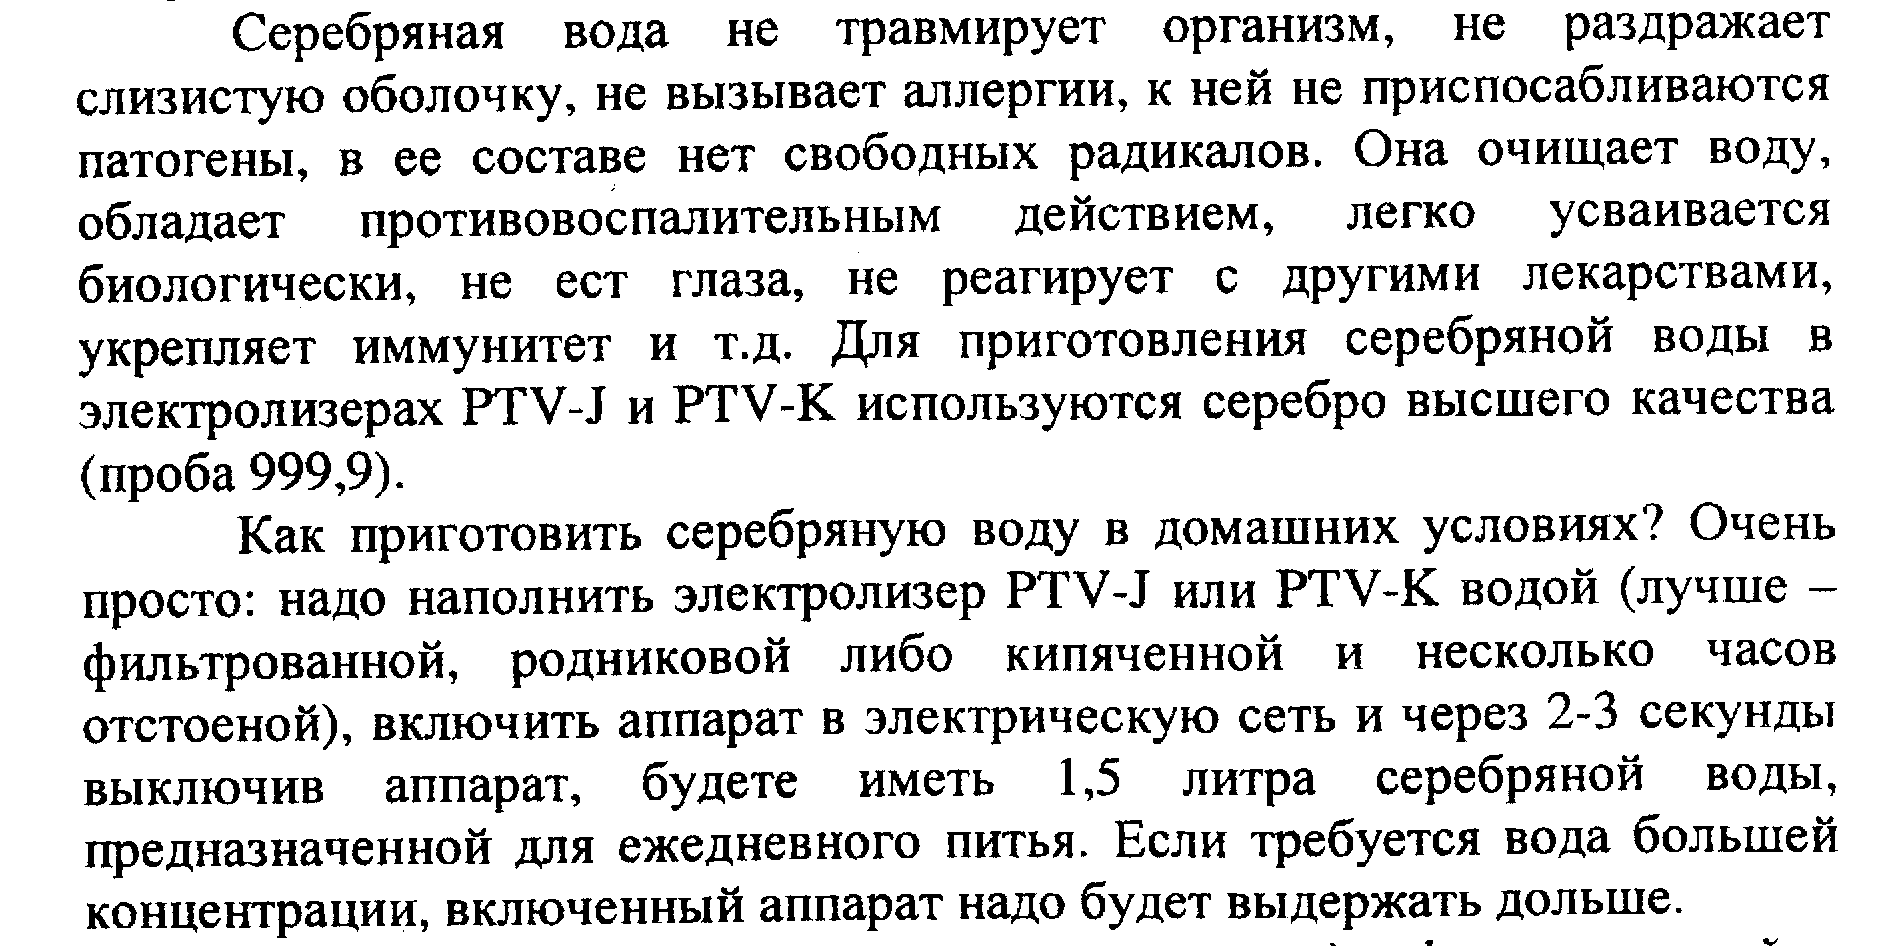 http://i1.imageban.ru/out/2017/02/15/41b66fbc4bbb16d843042324674c1c51.png